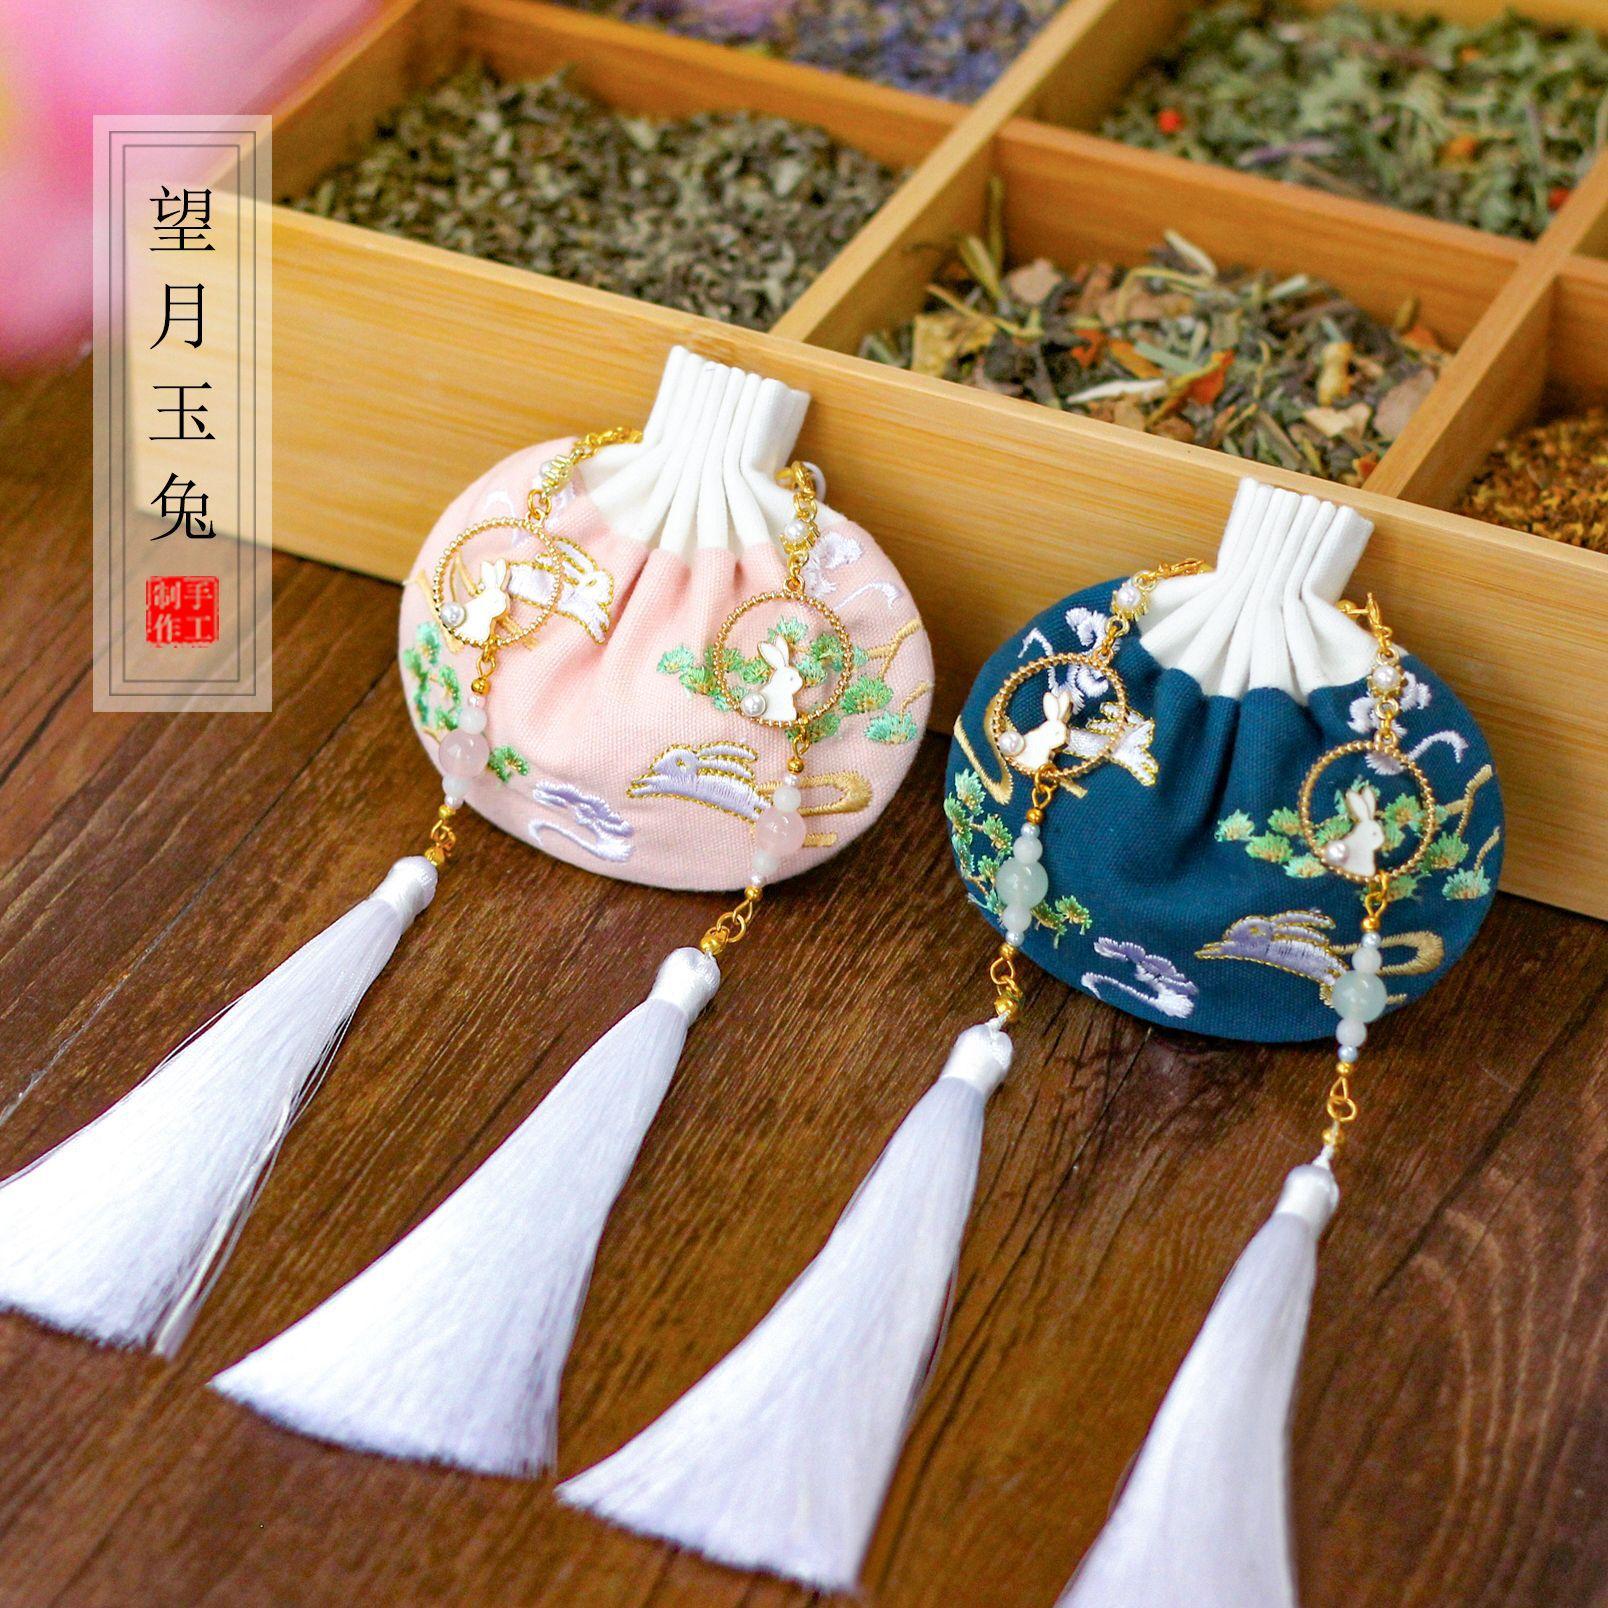 Винтажная-сумка-для-хранения-ювелирных-изделий-ручной-работы-в-китайском-стиле-середины-осени-с-узором-в-виде-кролика-саше-с-подвеской-на-у